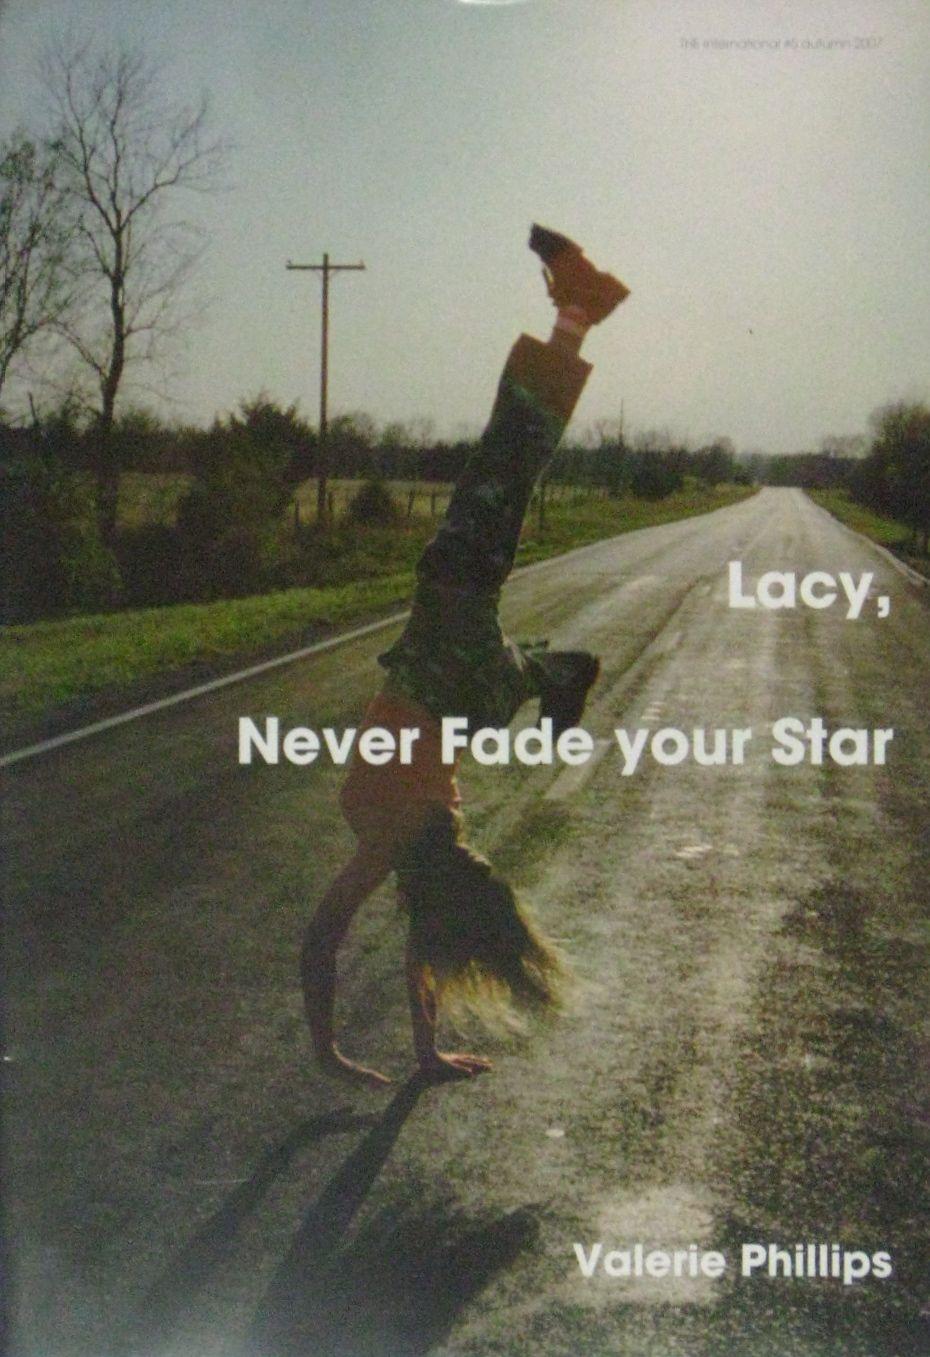 【古本】THE INTERNATIONAL #5: LACY, NEVER FADE YOUR STAR BY VALERIE PHILLIPS